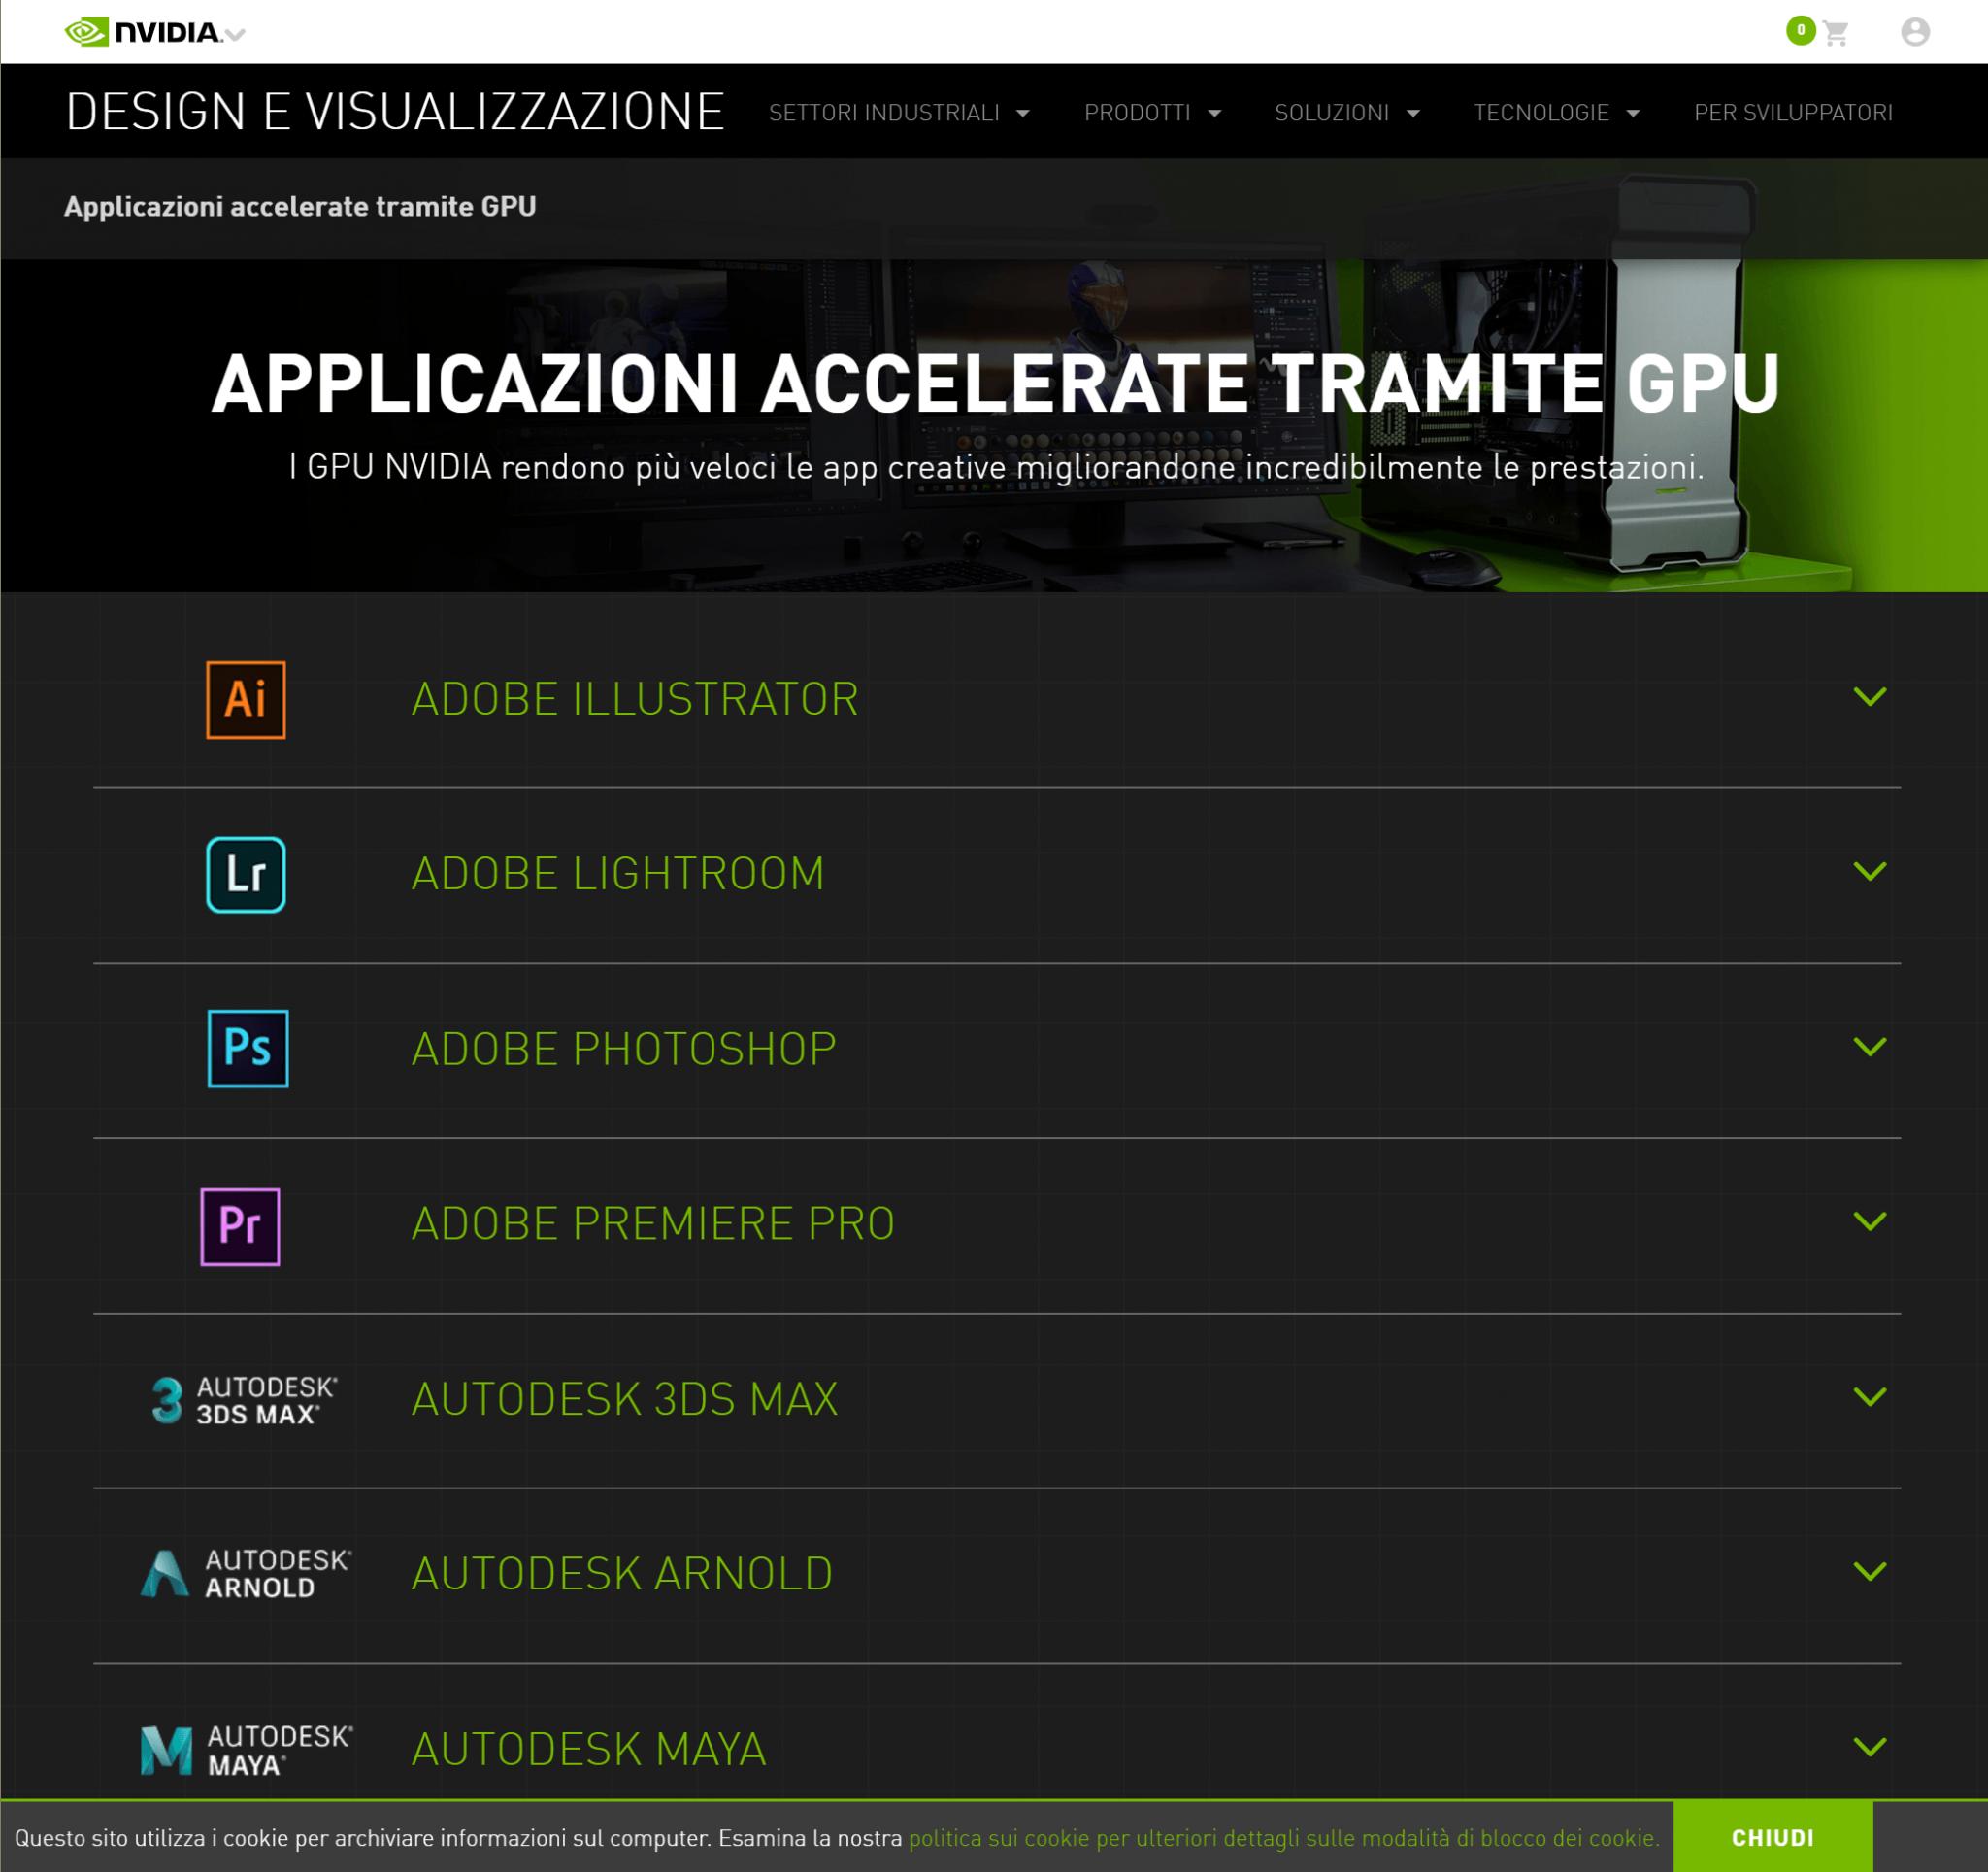 GEFORCE EXPERIENCE - Applicazioni accelerate dalla GPU NVIDIA